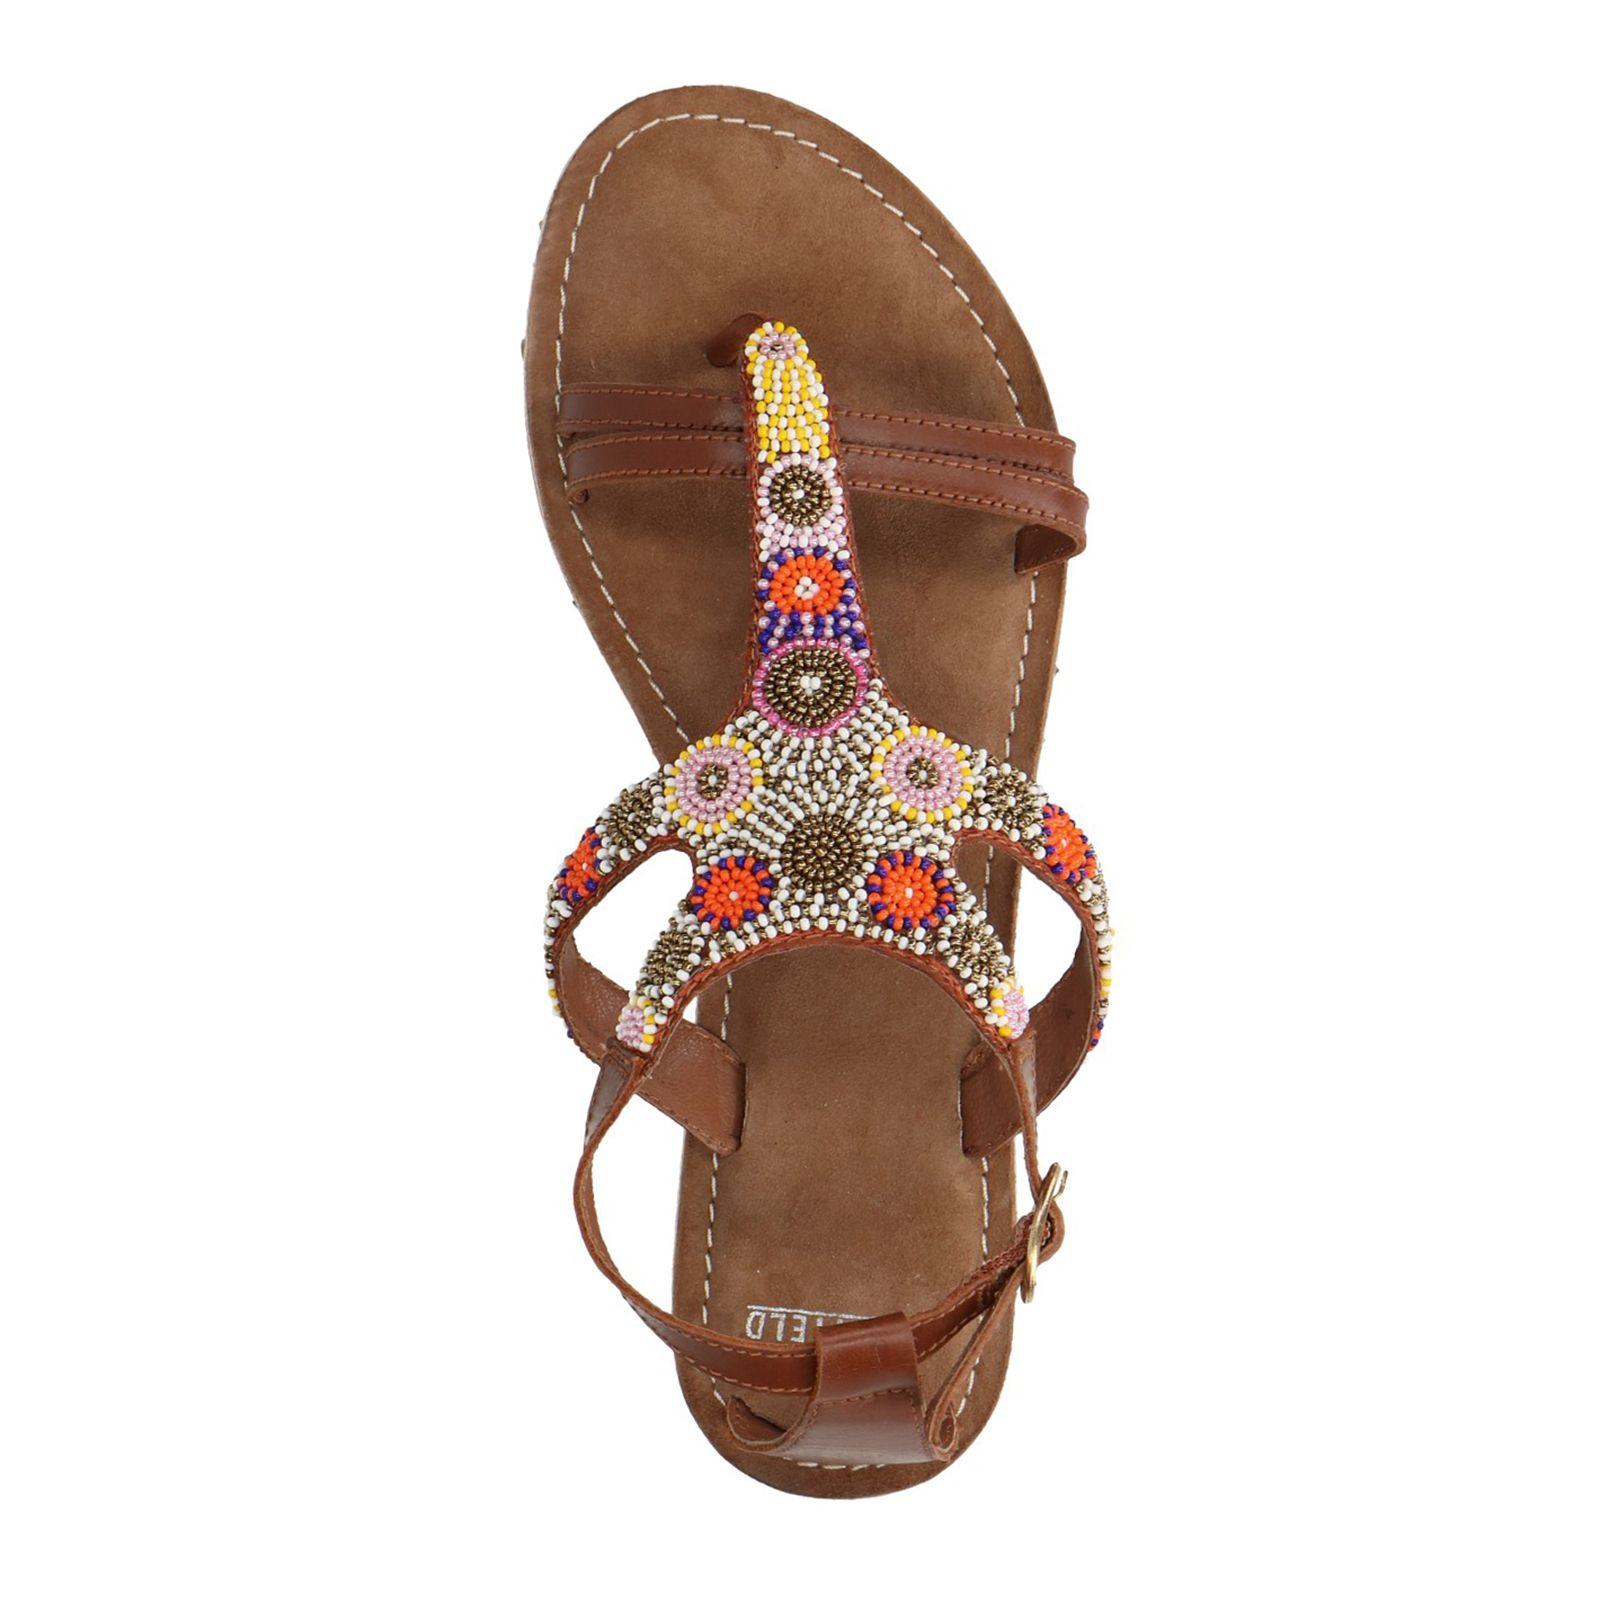 Wonderbaarlijk Leren sandalen met kralen - Dames | MANFIELD TK-63